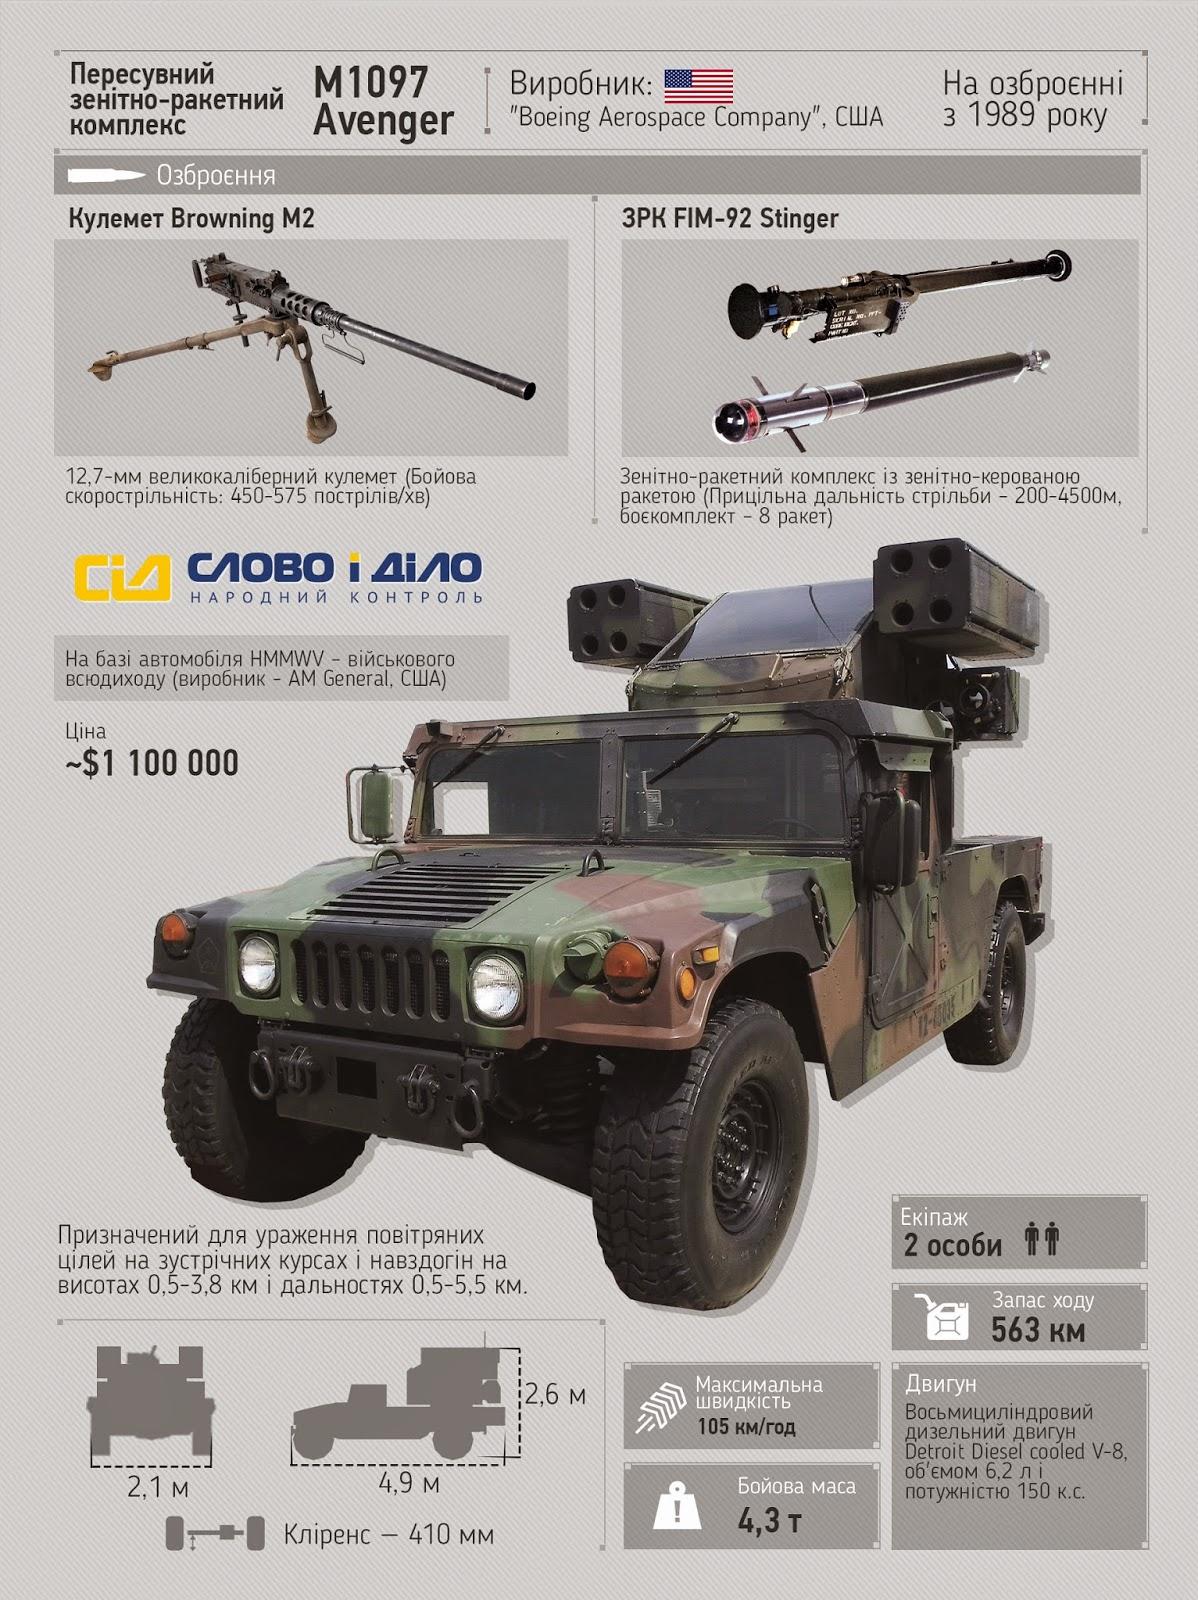 M1097 Avenger